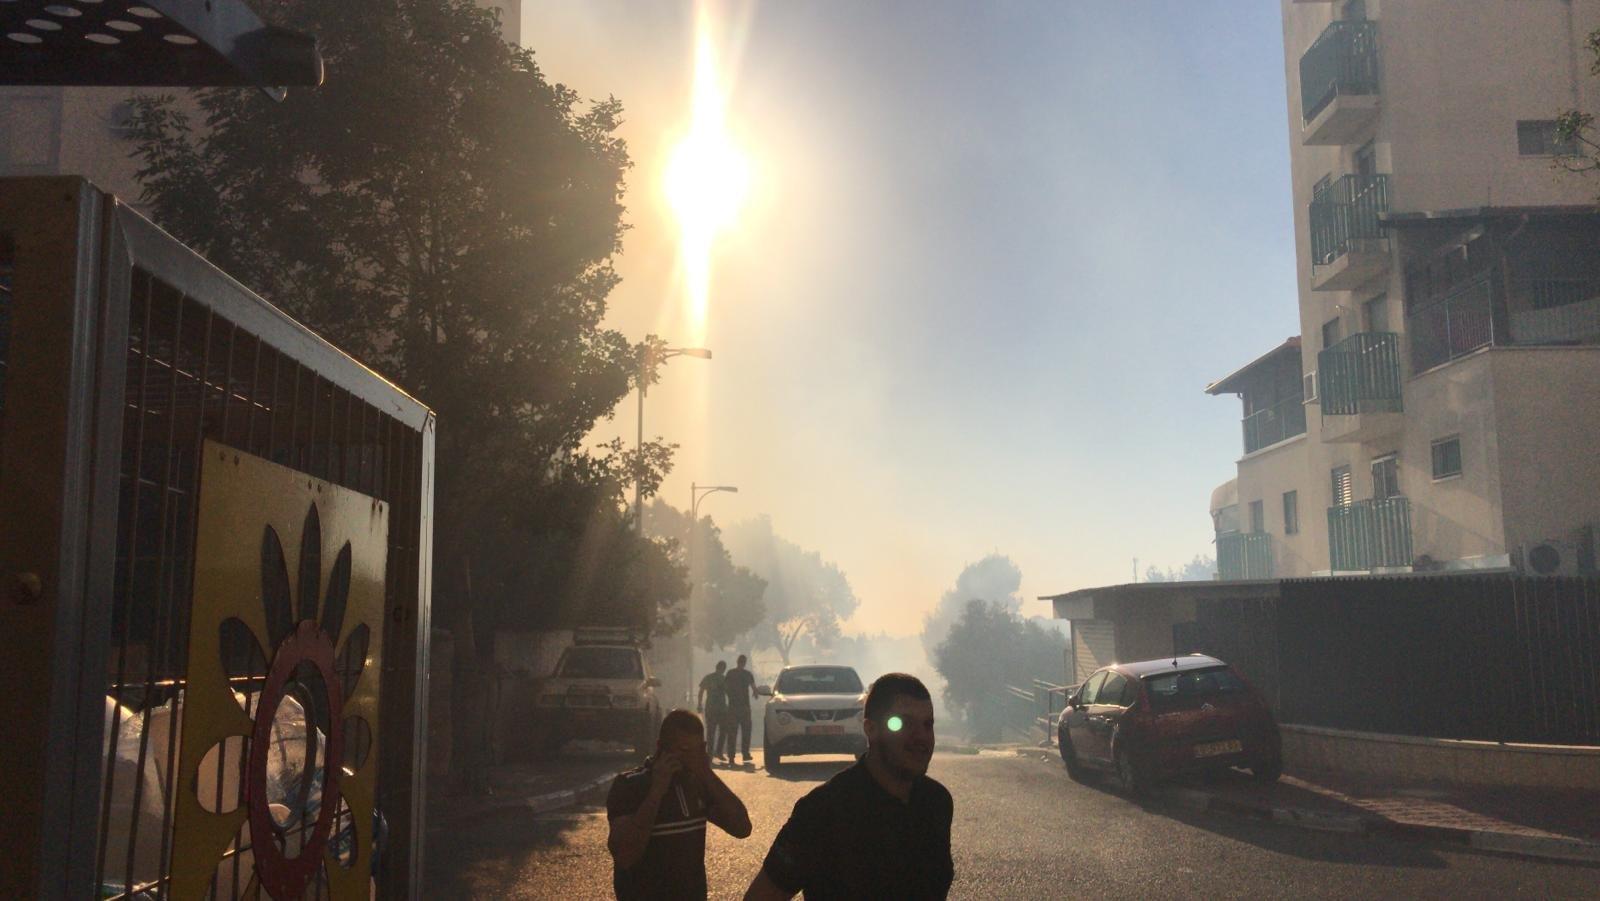 الناصرة: الطلب إلى أهالي شلنر اخلاء البيوت بسبب الحرائق